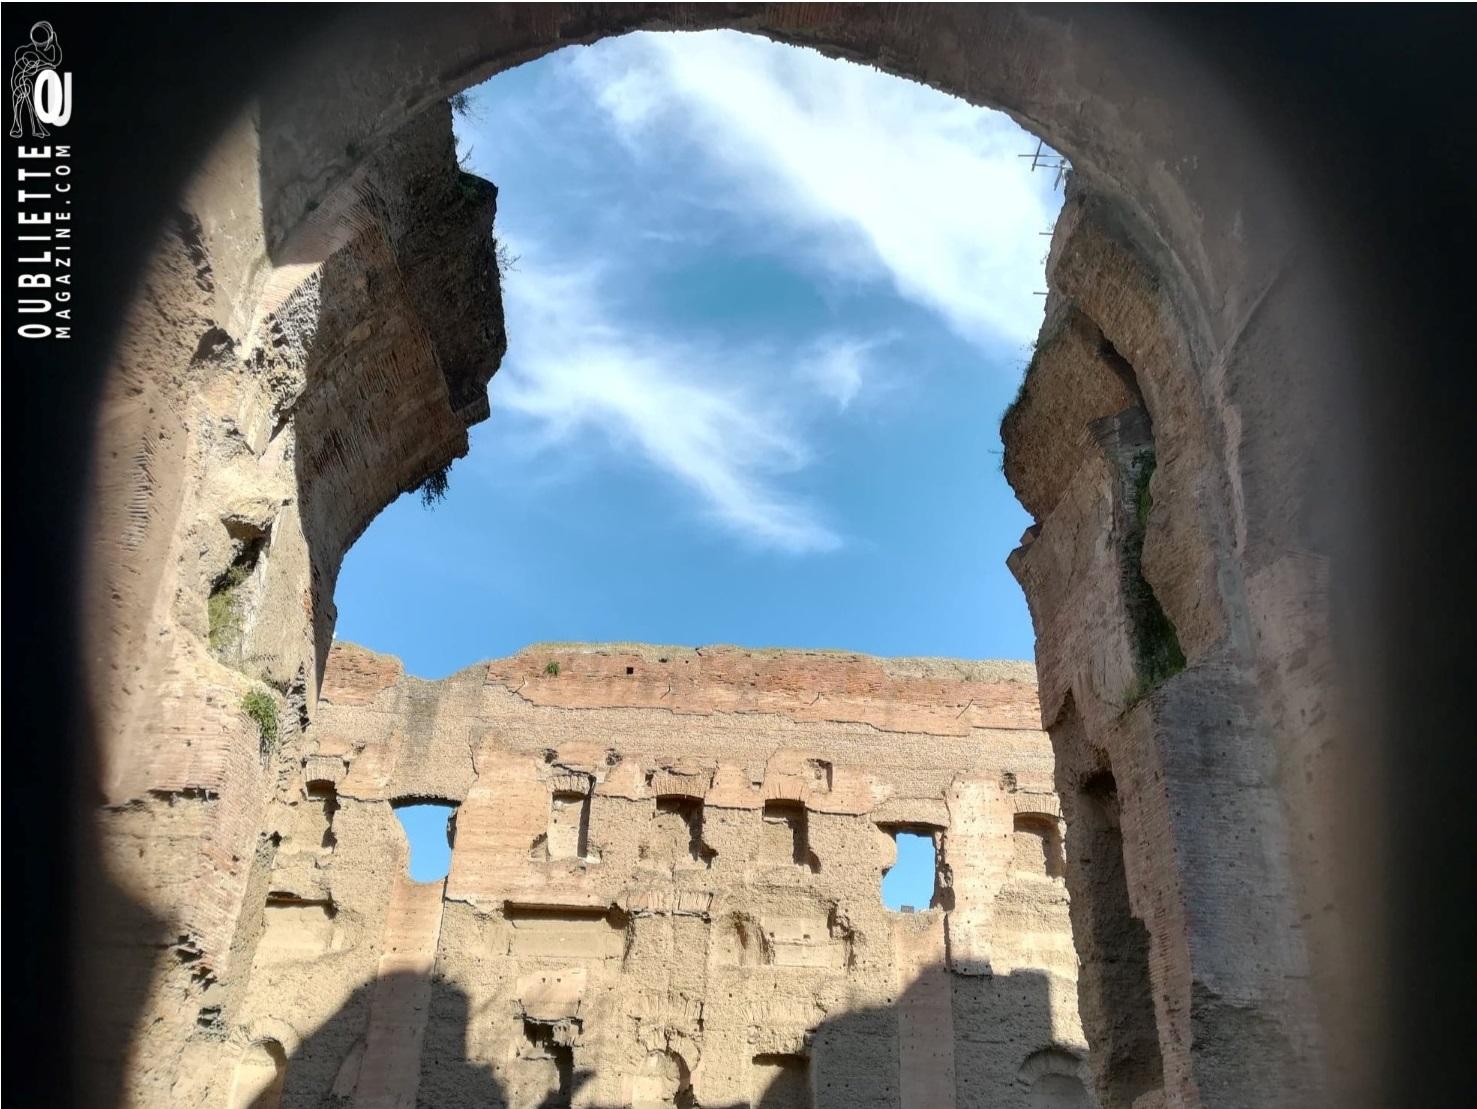 """""""Omnia Flumina Romam Ducunt"""" mostra di Alvin Curran: presso le Terme di Caracalla sino al 13 gennaio 2019, Roma"""